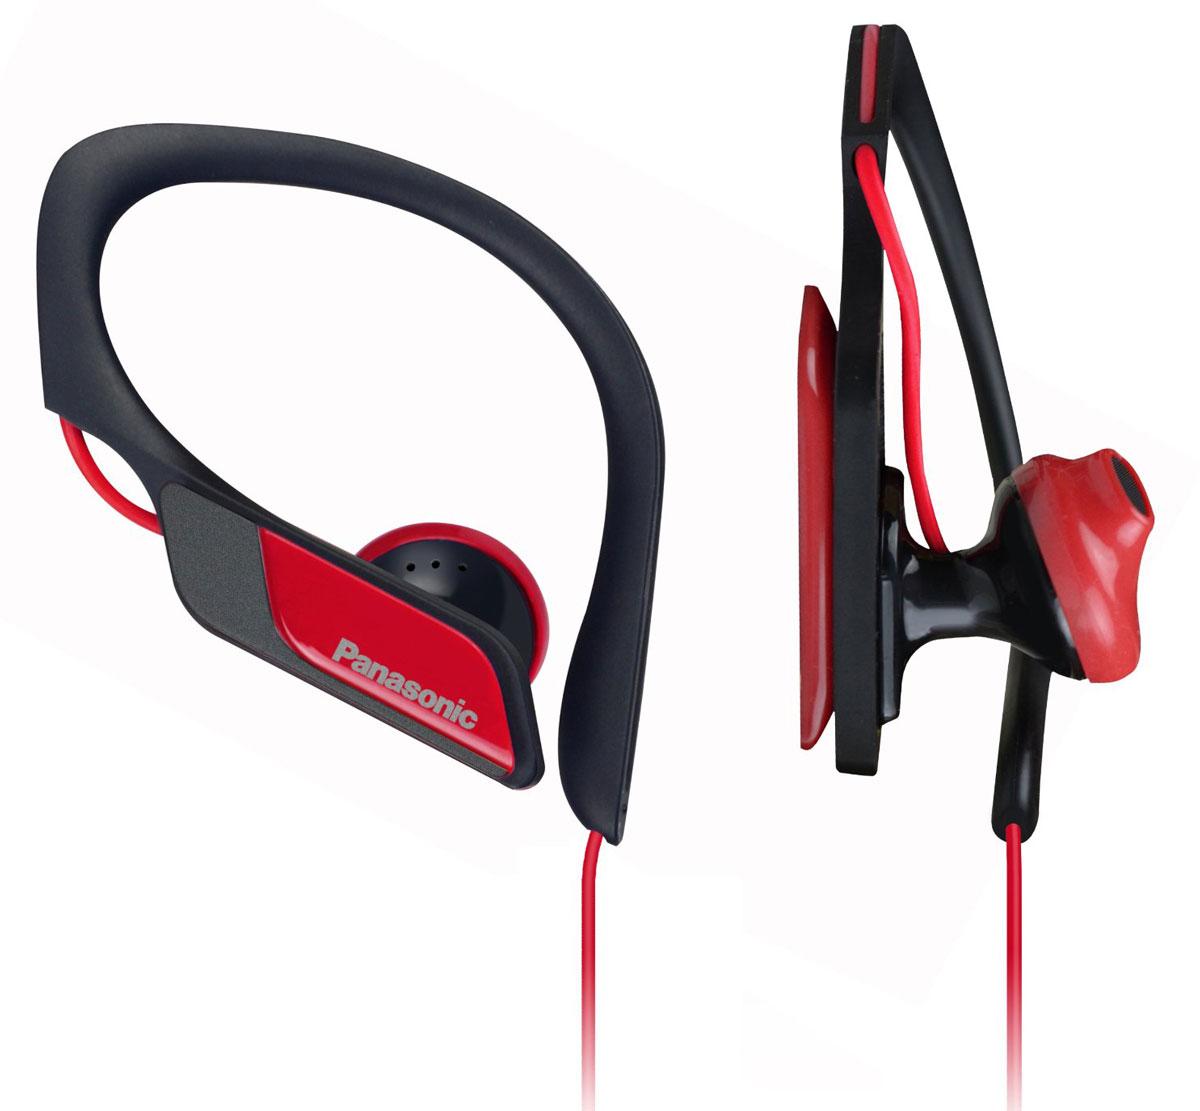 Panasonic RP-HS34E-R, Red наушникиRP-HS34E-RPanasonic RP-HS34E надёжно крепятся на ухе, а провод пропущен с задней стороны, поэтому наушники не сваливаются во время занятий спортом, а помехи сводятся к минимуму, что обеспечивает прекрасный звук. Благодаря своей водонепроницаемости они прекрасно подходят для занятий спортом. Зажим HS34 плотно крепится на ухе, а положение внутренней поверхности настраивается для комфортного использования. Разные цвета позволяют сочетать наушники со спортивным костюмом и обувью.